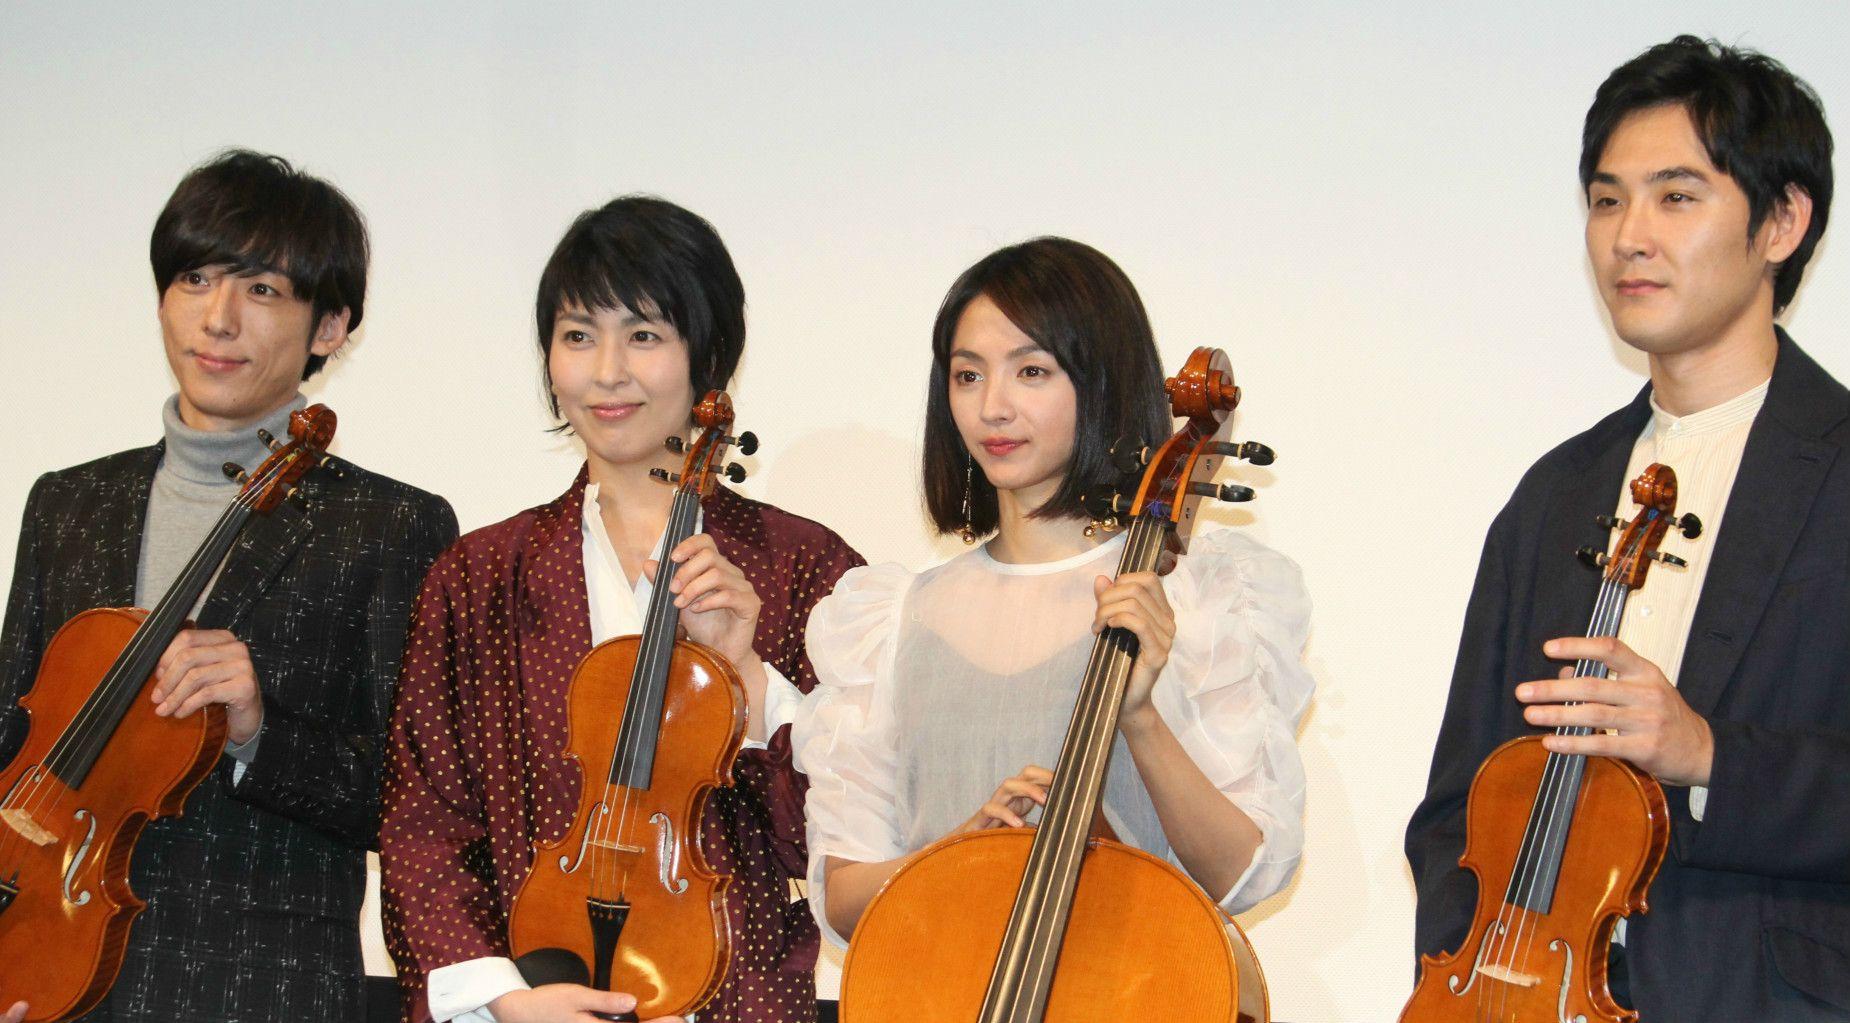 「カルテット」の4人 左から高橋一生、松たか子、満島ひかり、松田龍平 ©共同通信社